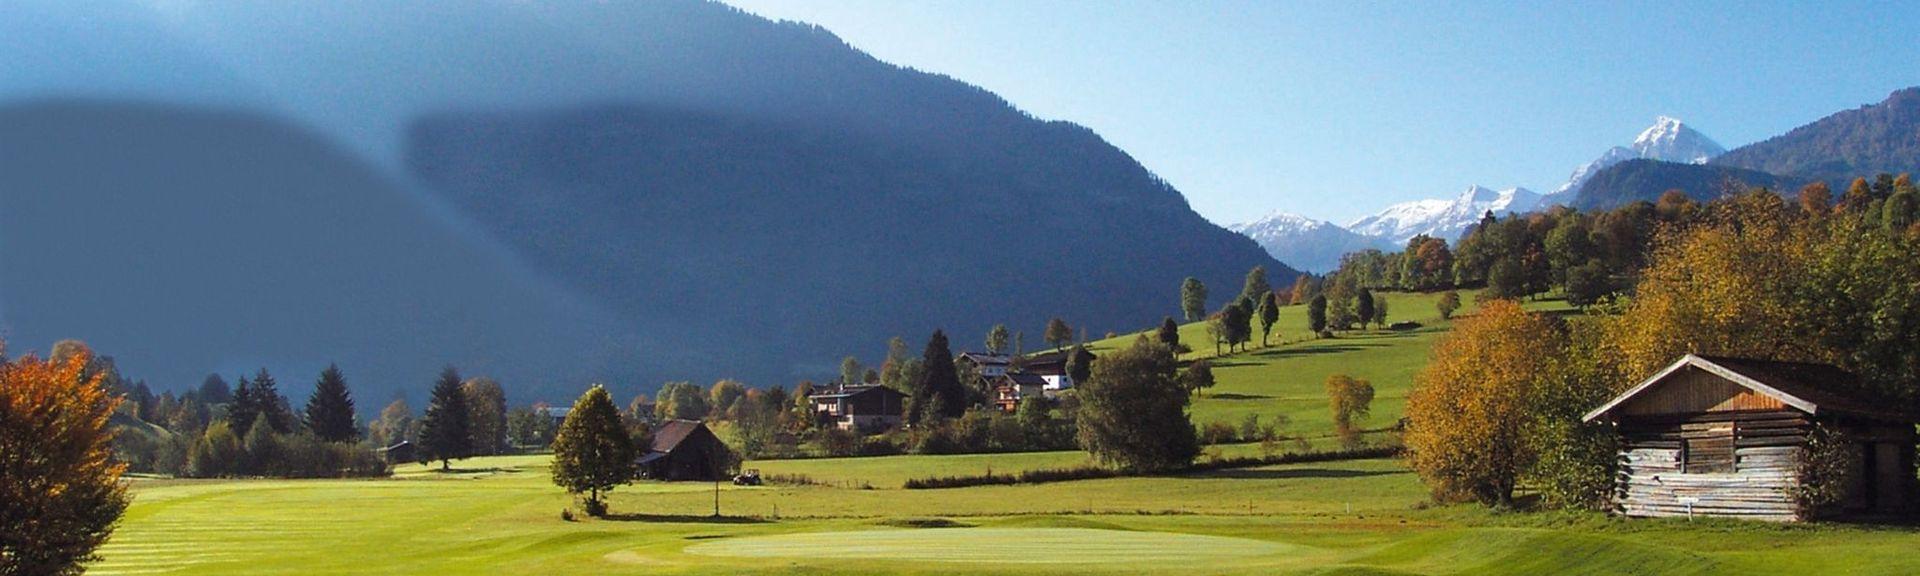 Pico Grossvenediger, Neukirchen am Grossvenediger, Salsburgo, Austria